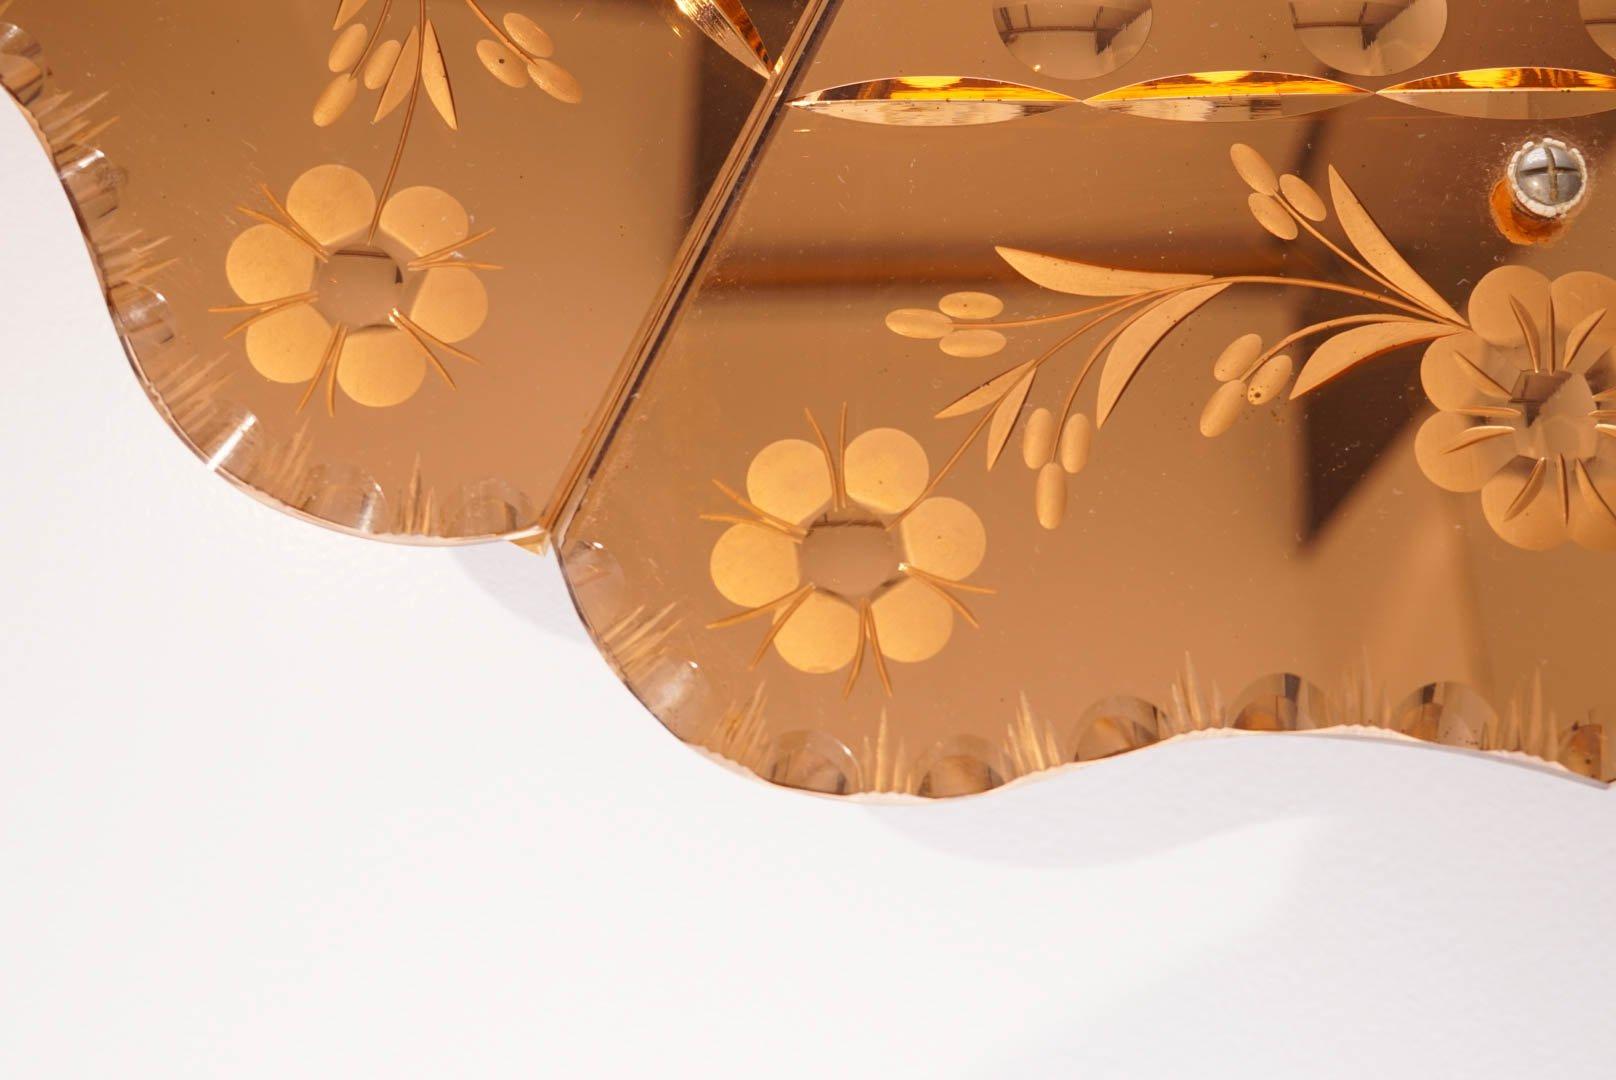 miroir venitien art d co 1930s en vente sur pamono. Black Bedroom Furniture Sets. Home Design Ideas